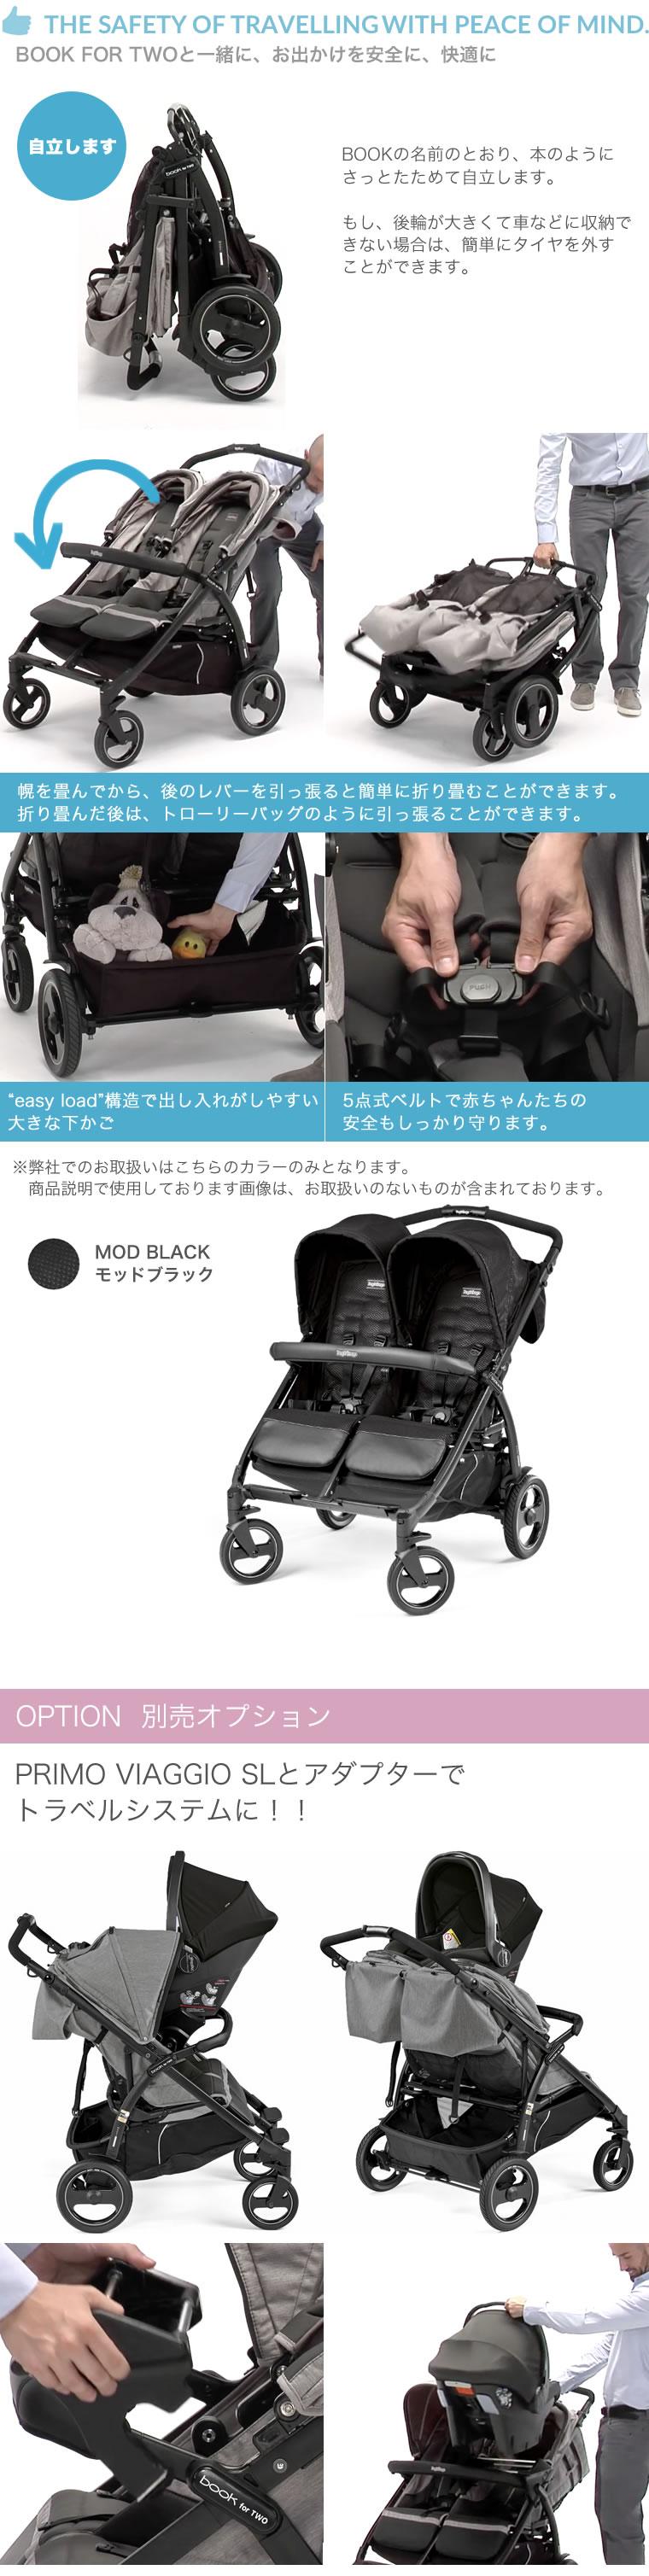 双子、兄弟、姉妹に!かっこいい双子用横型2人乗りベビーカー